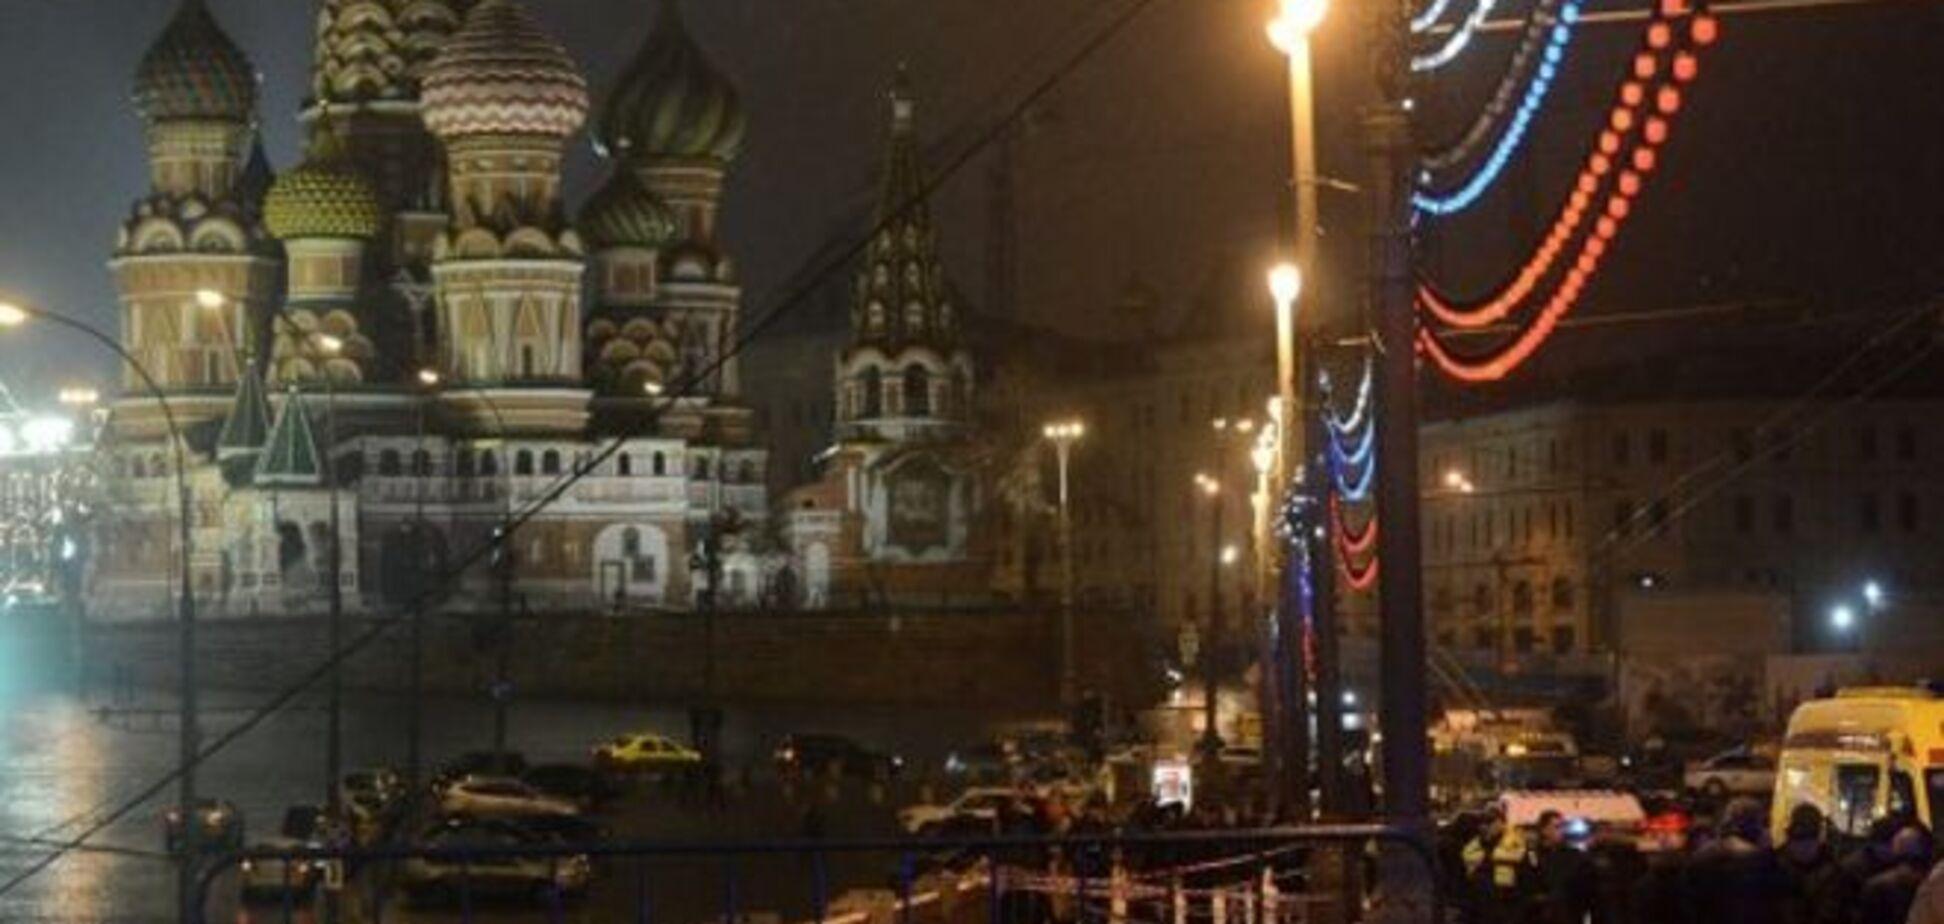 Театр абсурда: в Москве нельзя провести траурную акцию по Немцову, потому что ее не согласовали за 15 дней